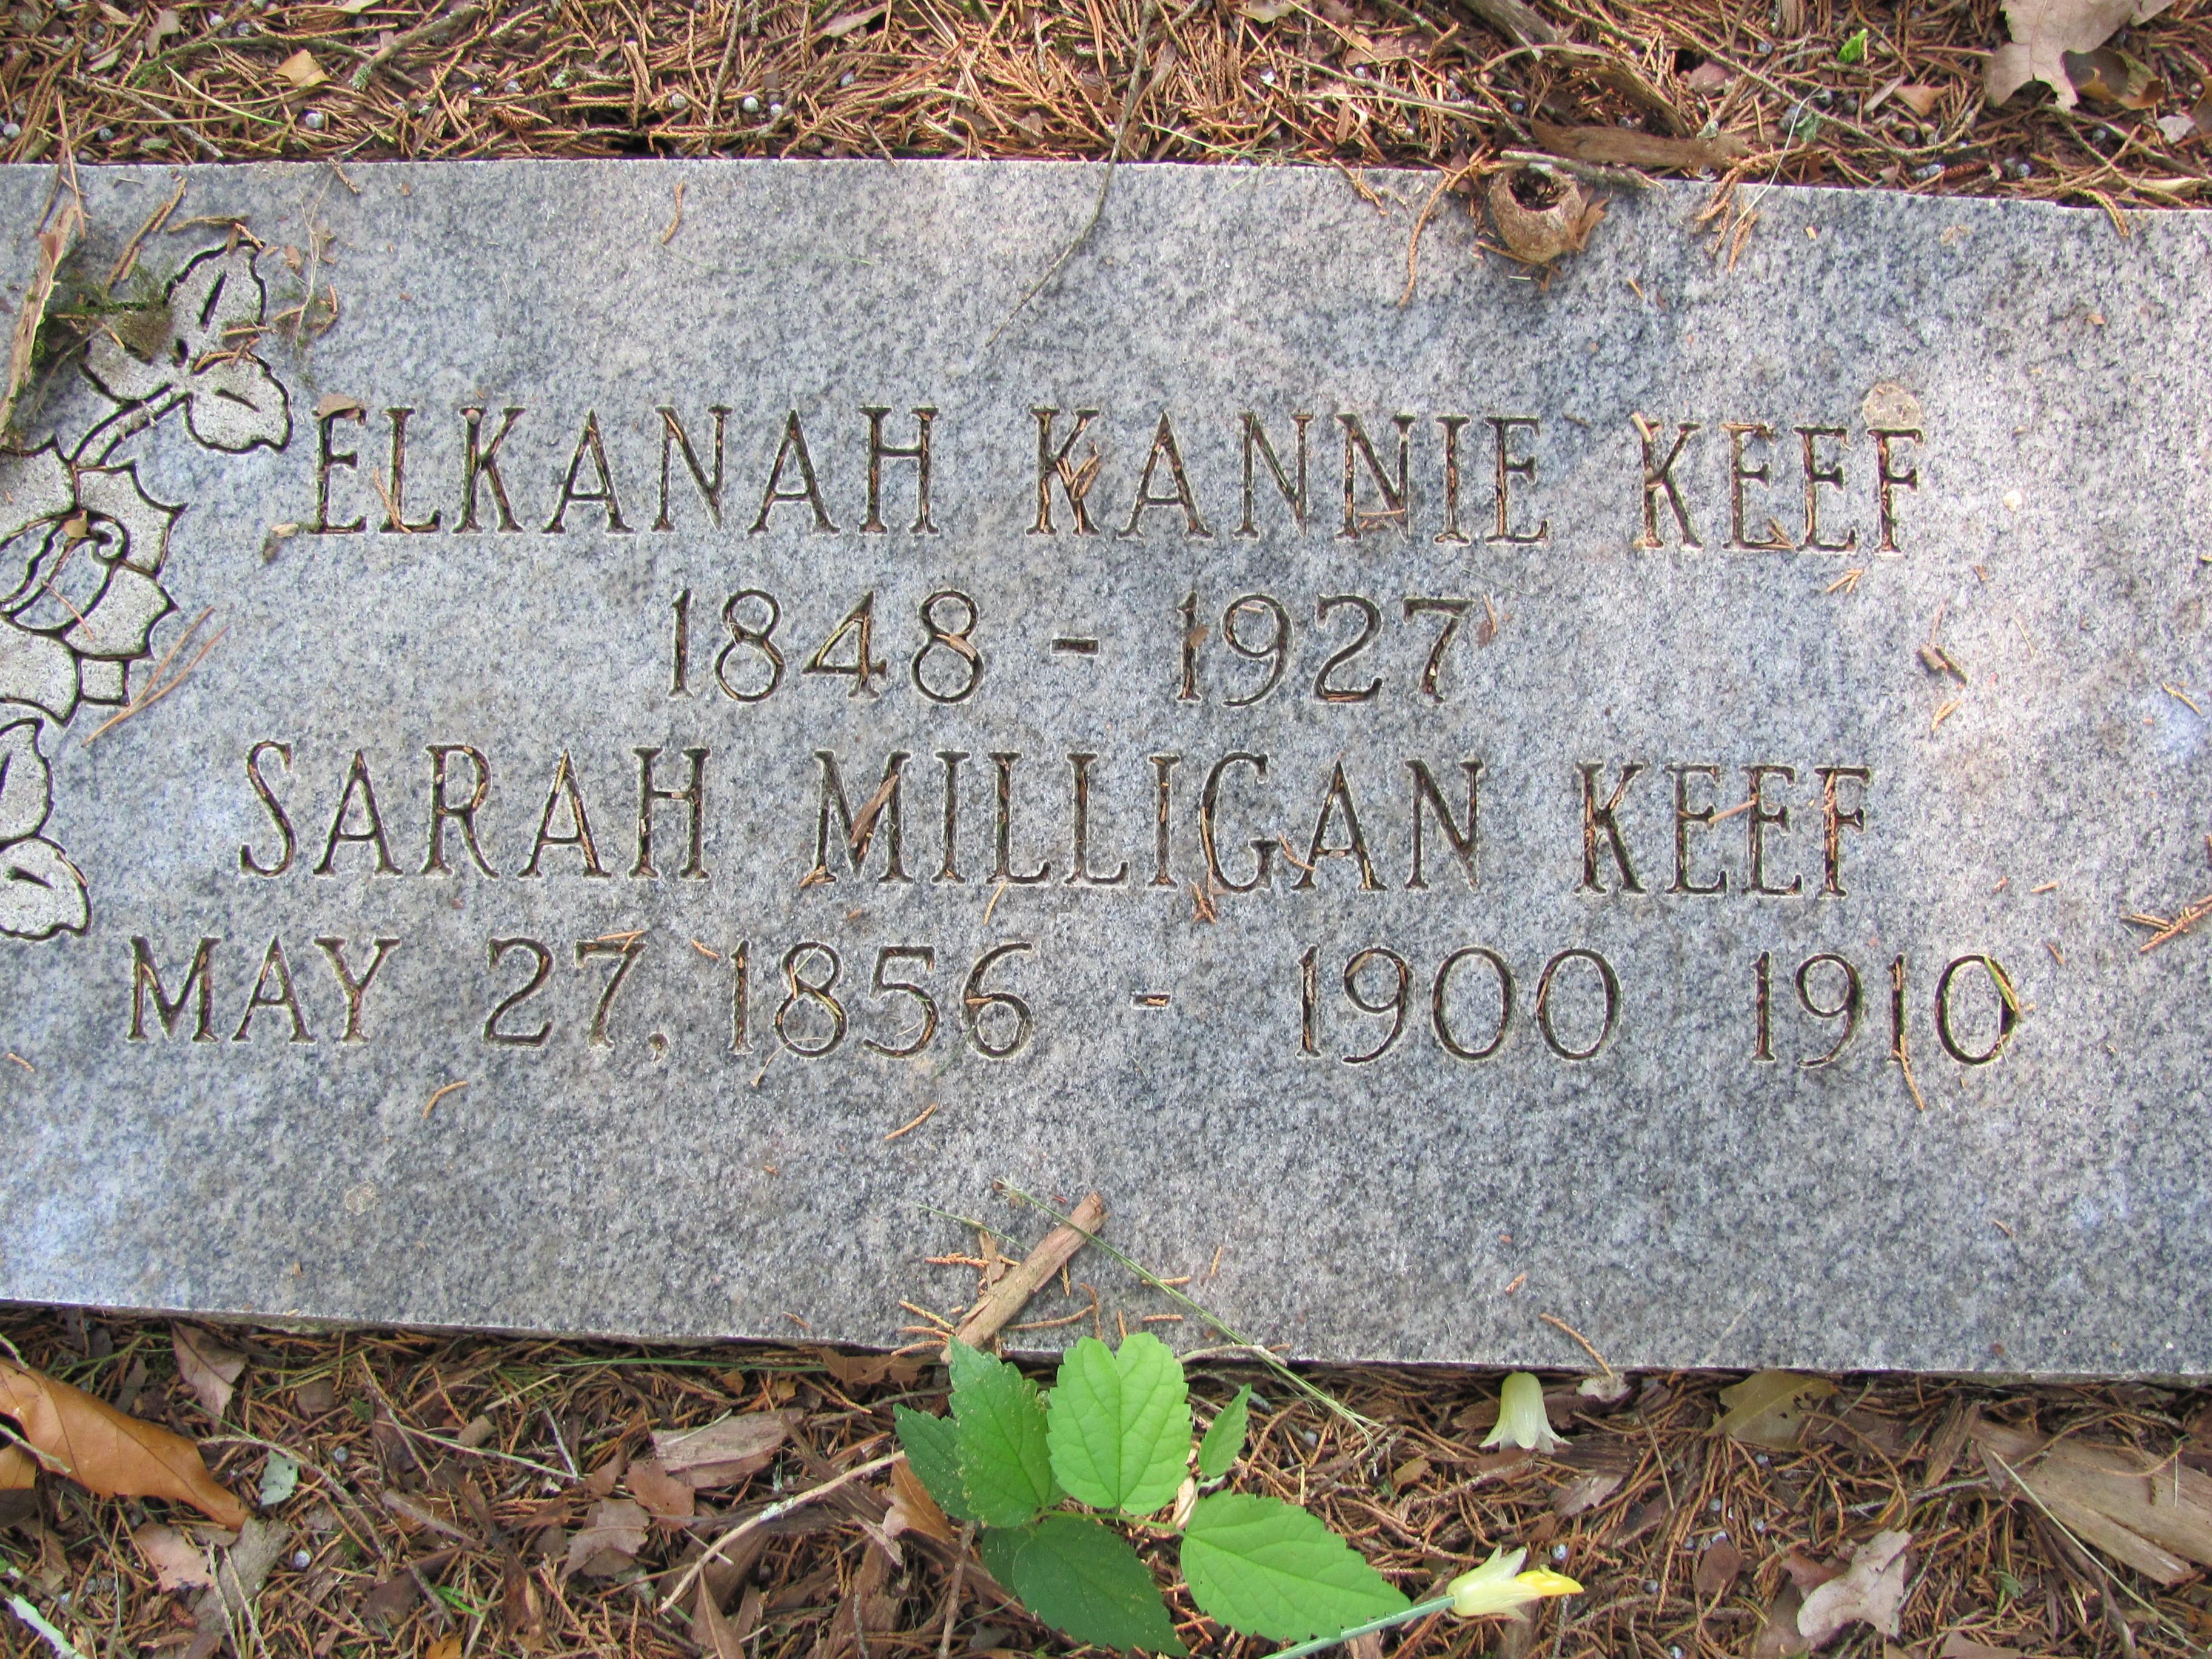 Elkana Rubin Keef